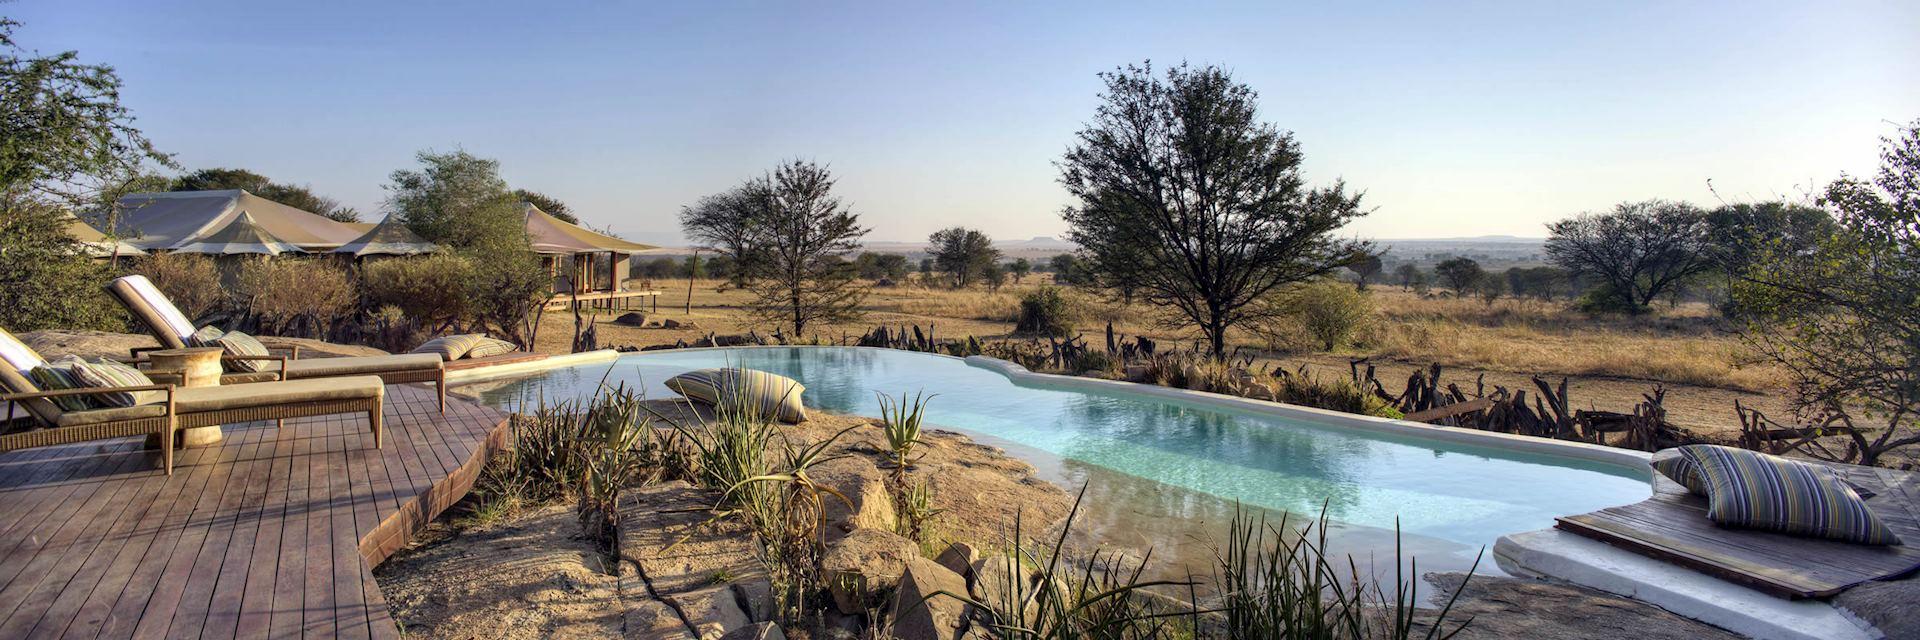 Pool at Sayari Camp, Tanzania